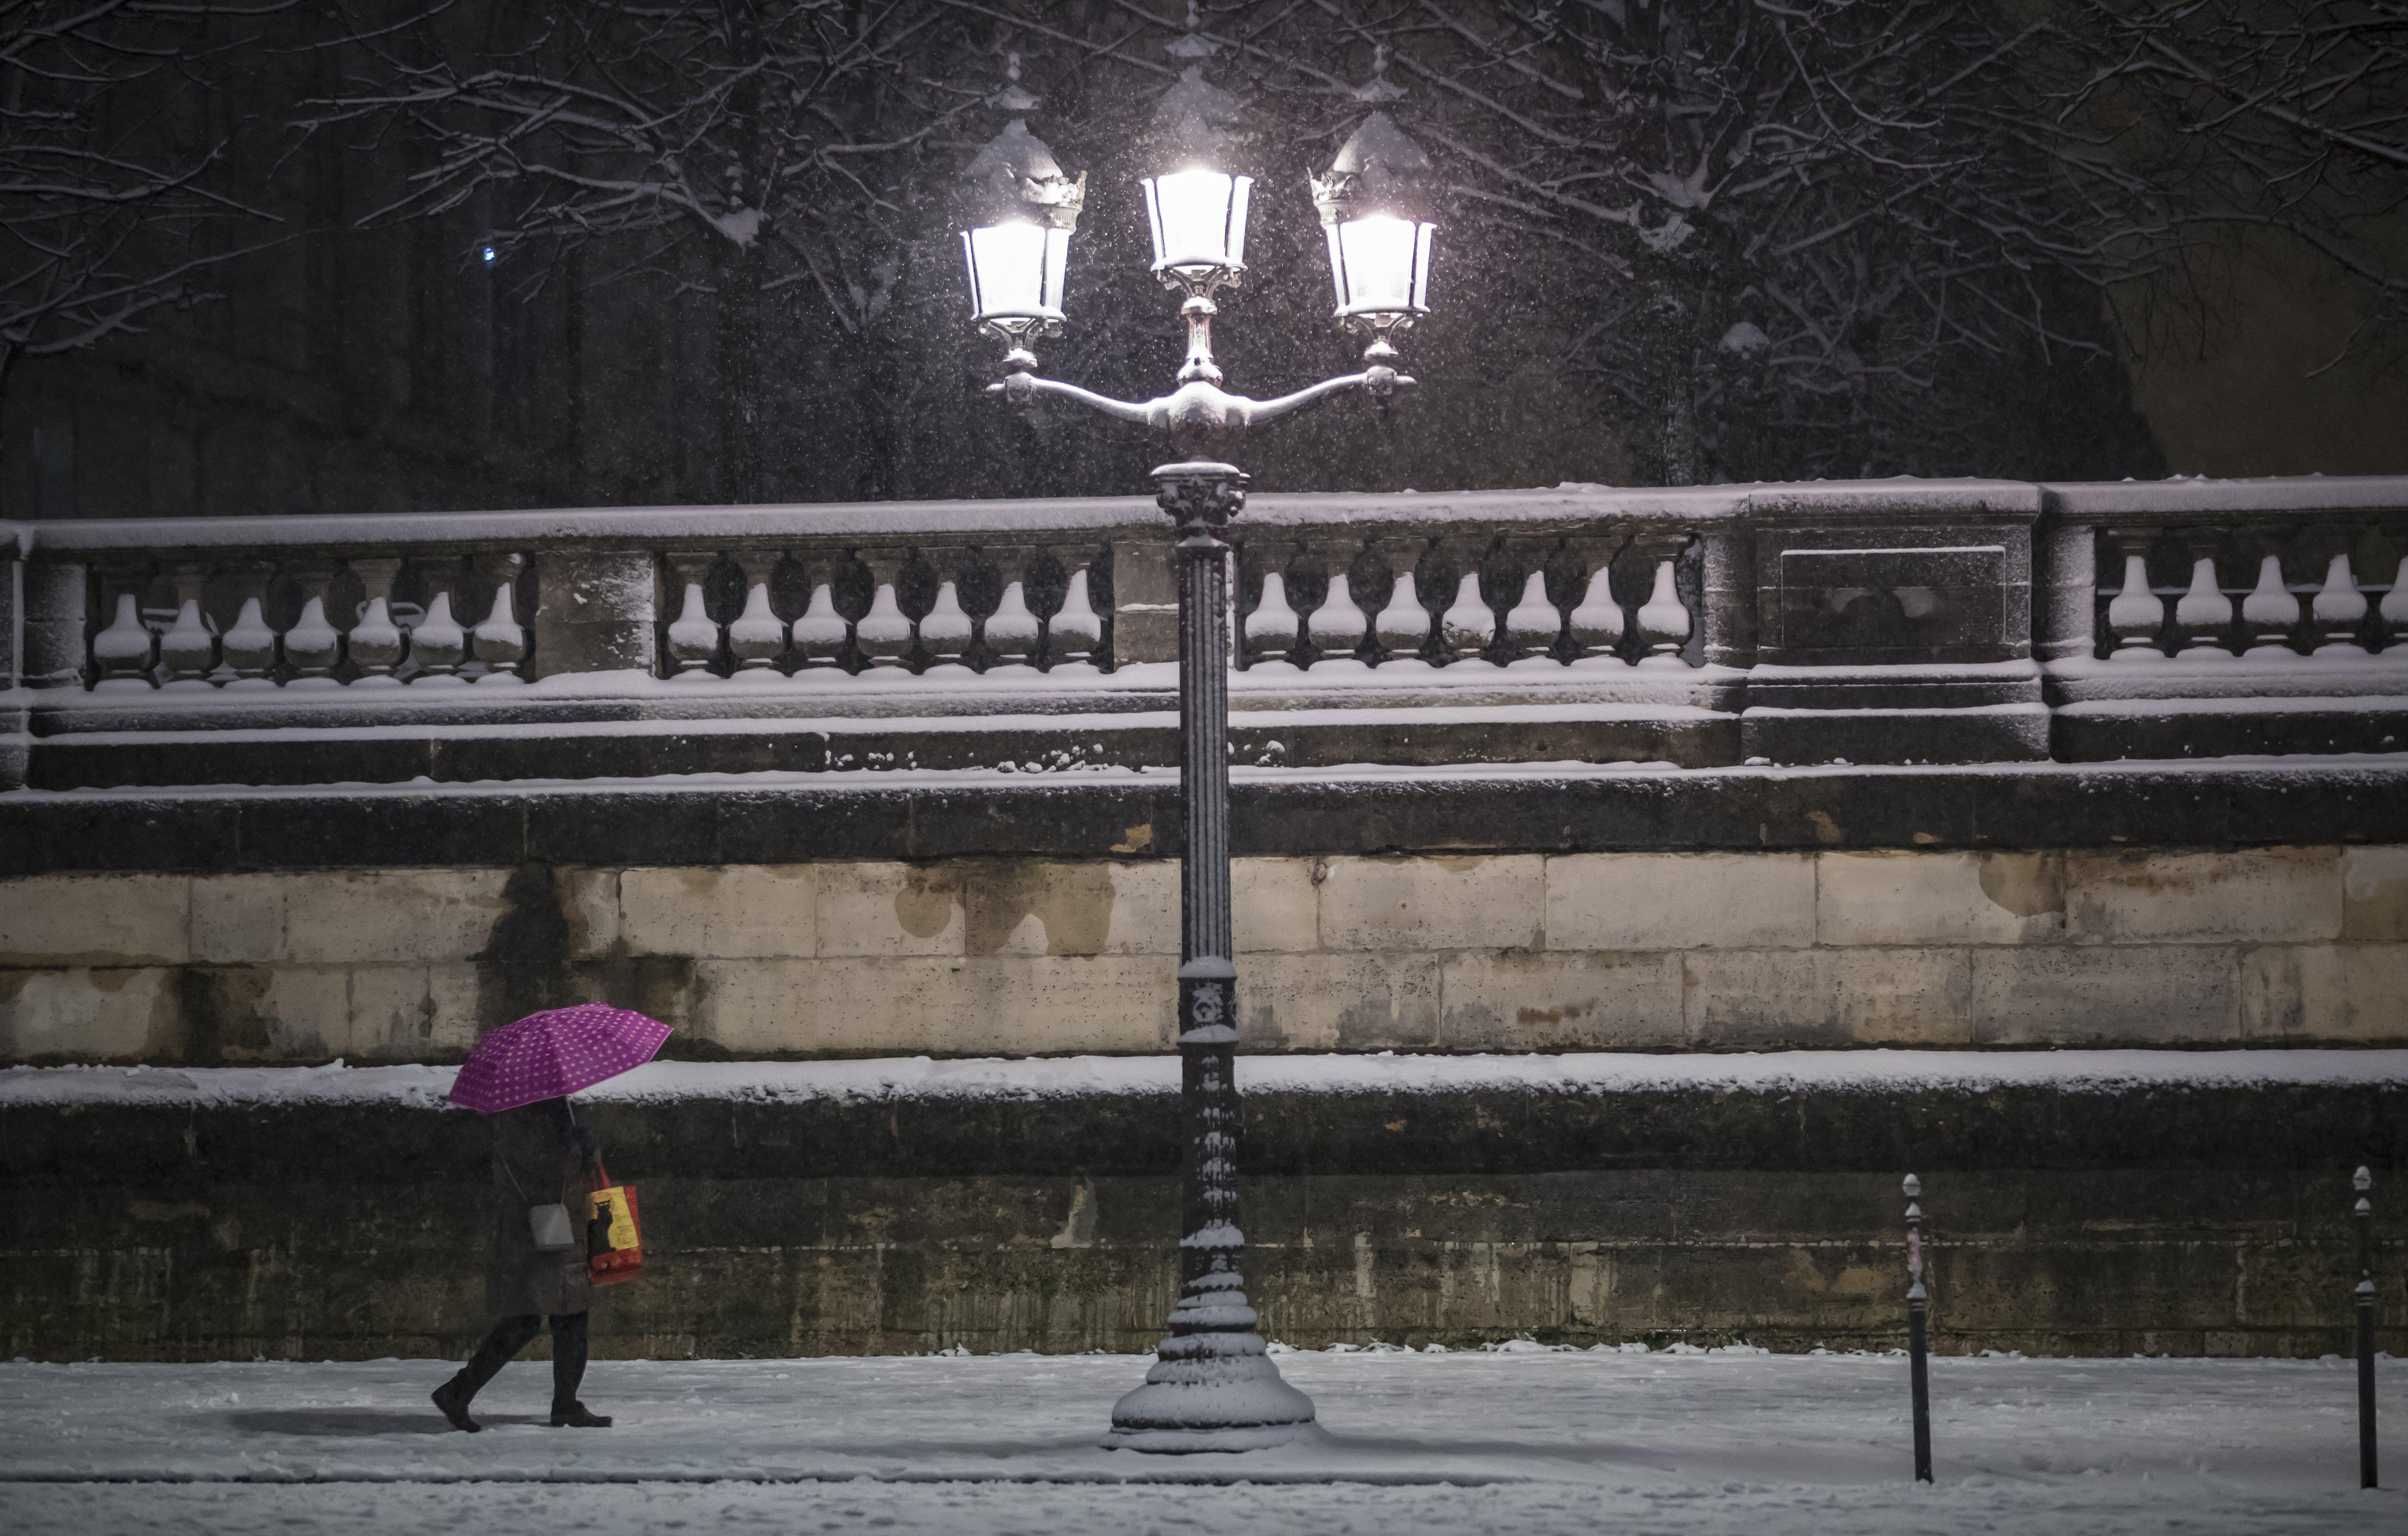 Un peatón camina por la Plaza de la Concordia cubierta por nieve (EFE/Ian Langsdon)